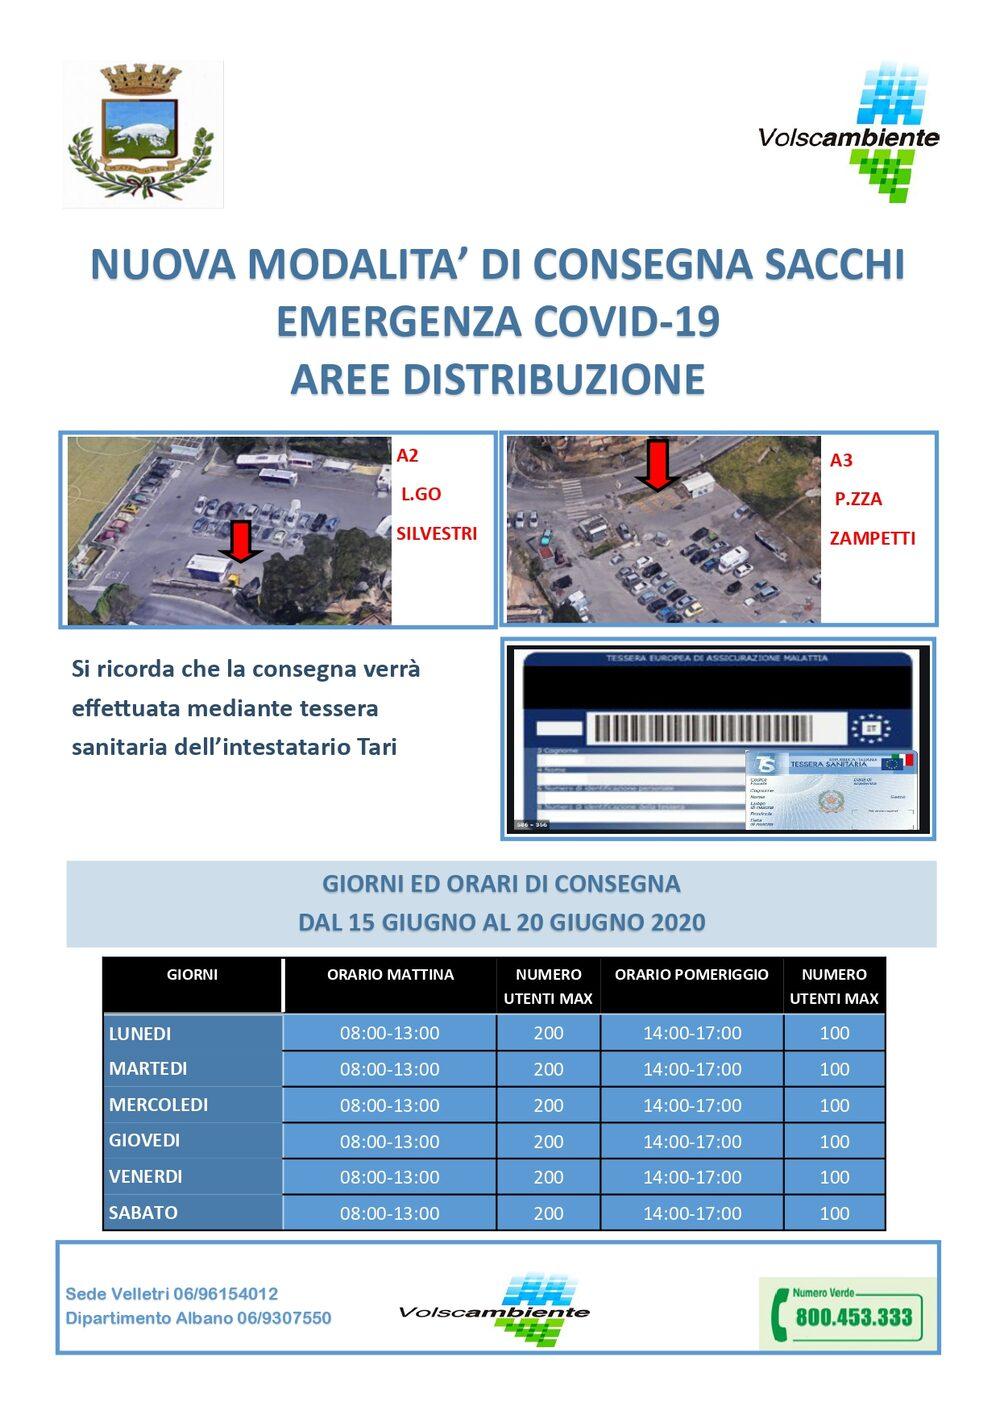 ALBANO PERIFERIA - A 2 - Largo Silvestri - dal 15 al 20 Giugno 2020 = A 3 - Piazza Zampetti - dal 15 al 20 Giugno 2020